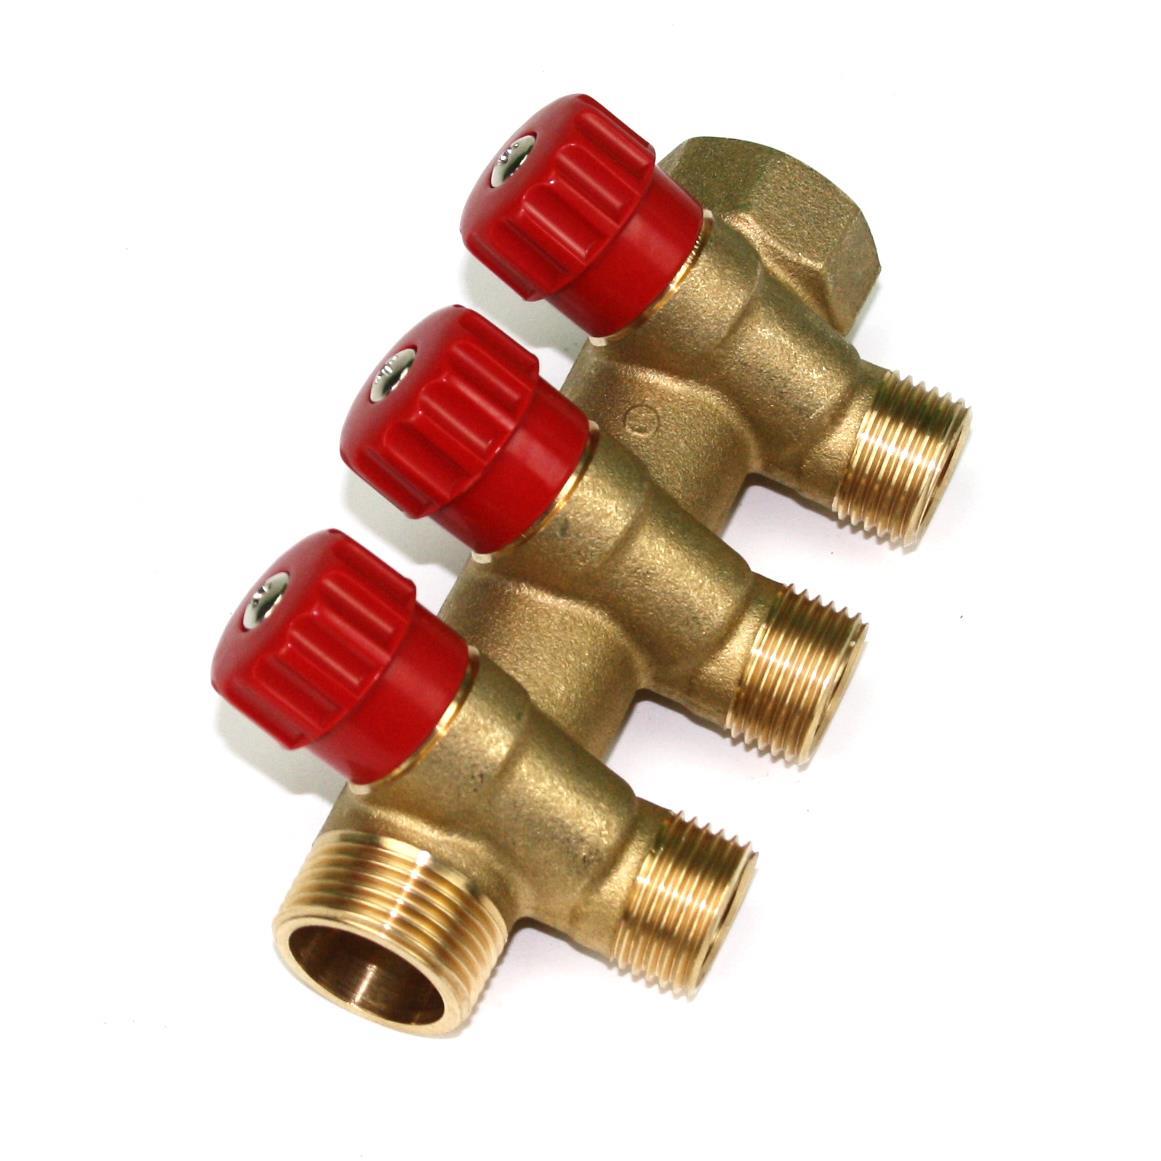 """Verteiler 3-Fach mit Absperrventil Rot Sanitär 3/4"""" x 1/2"""" Wasser Heizung  ,Poletti,C32300TR35, 8025459029732"""